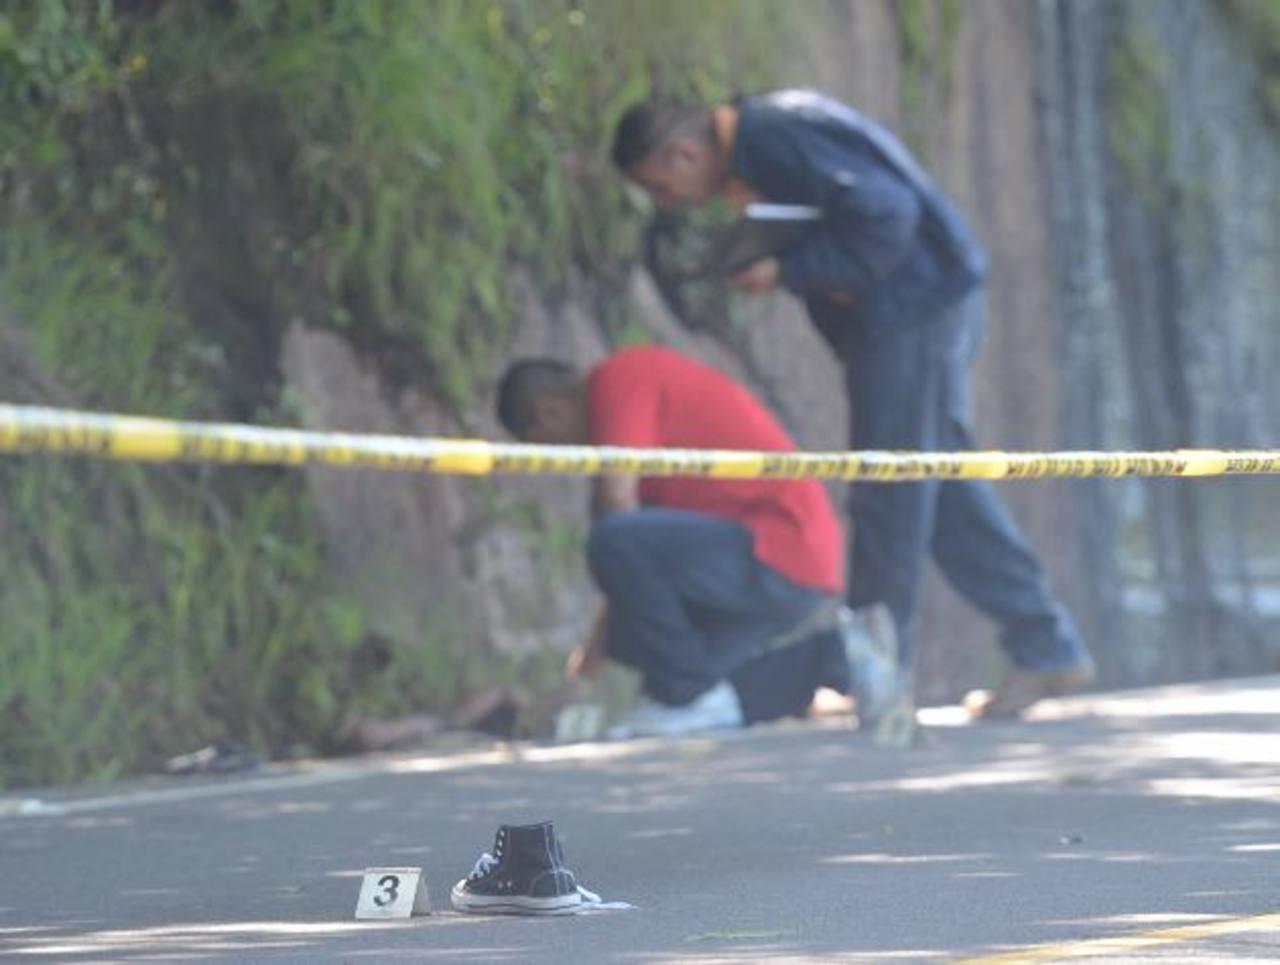 Matan a sujeto que participó en el robo de las guacamayas a pocos días de completar su pena. Foto EDH / Douglas Urquilla.